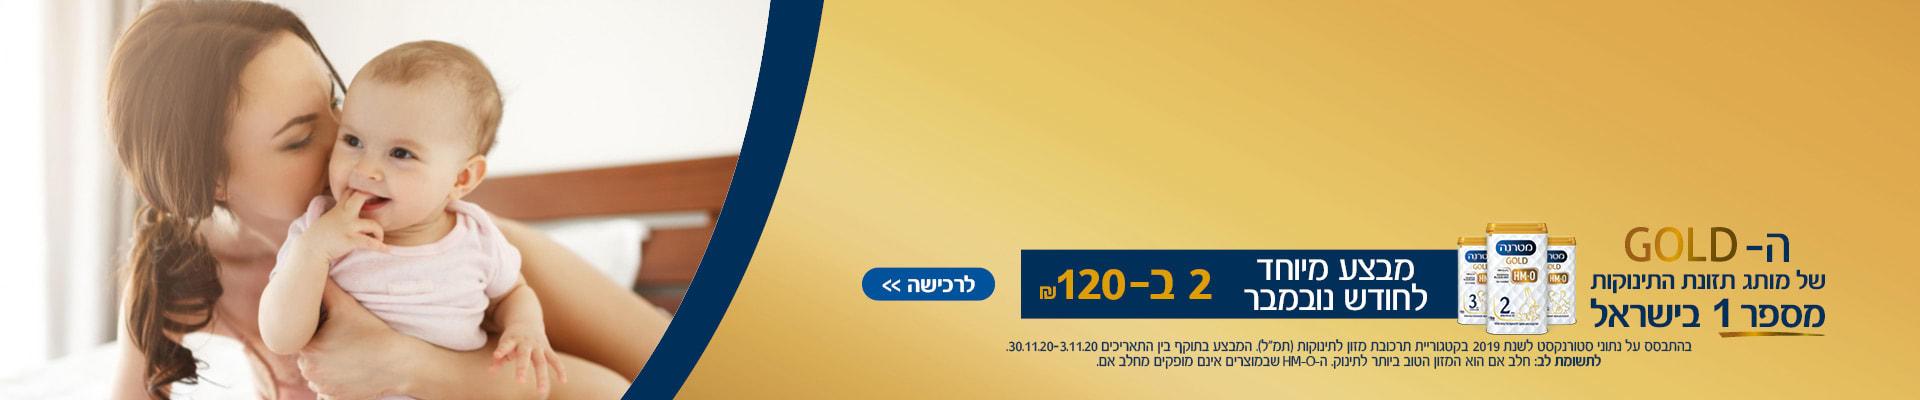 """ה-GOLD של מותג תזונת התינוקת מספר 1 בישראל במבצע מיוחד לחודש נובמבר 2 ב- 120 ₪. בהתבסס על נתוני סטורנקסט 2019 בקטגוריית תמ""""ל. המבצע בתוקף עד 30.11.2020. לתשומת לב- חלב אם הוא המזון הטוב ביותר לתינוק ה- HM-O שבמוצרים אינם מסופקים מחלב אם."""